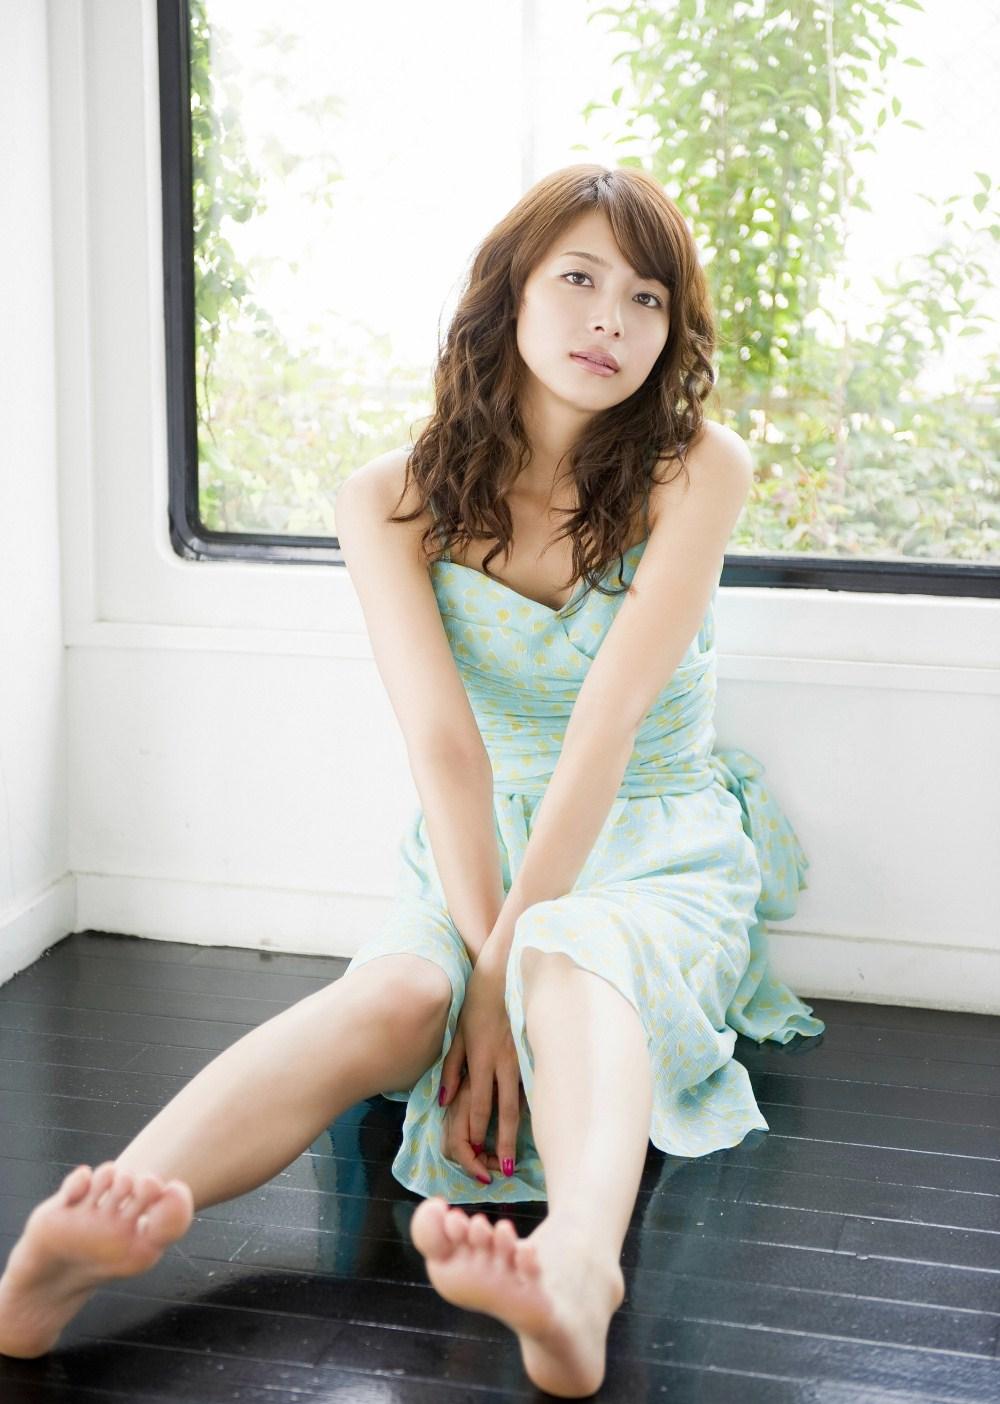 【綺麗なお姉さん。~きれいなお姉さんのグラビア画像集~】 女優 相武紗季 画像